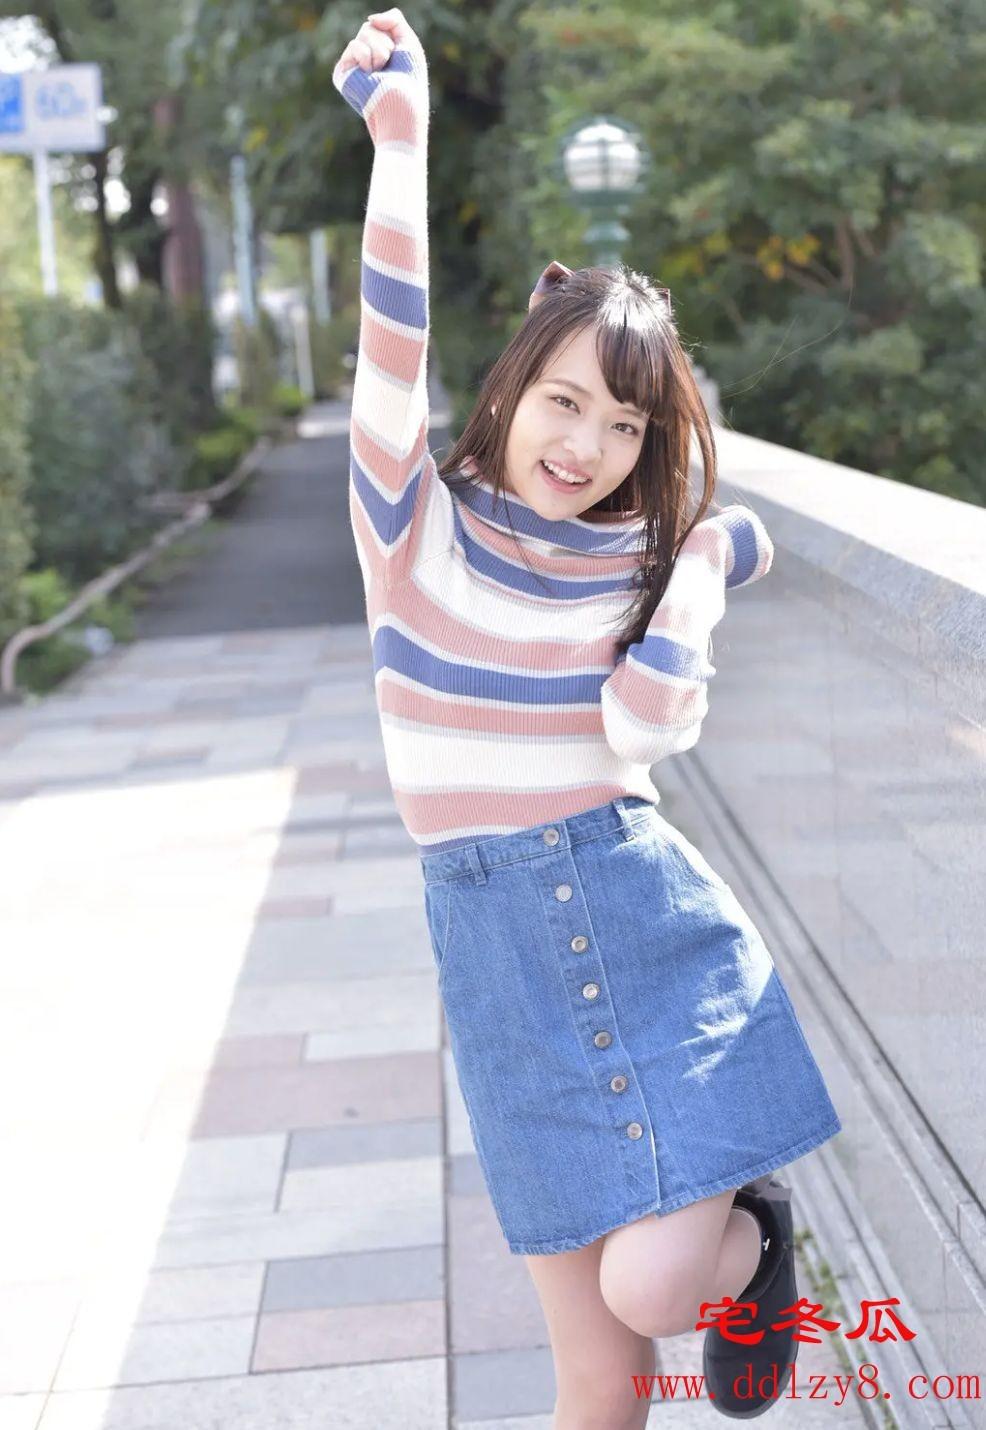 小oppai也有其魅力!贫乳优优大推荐!!!